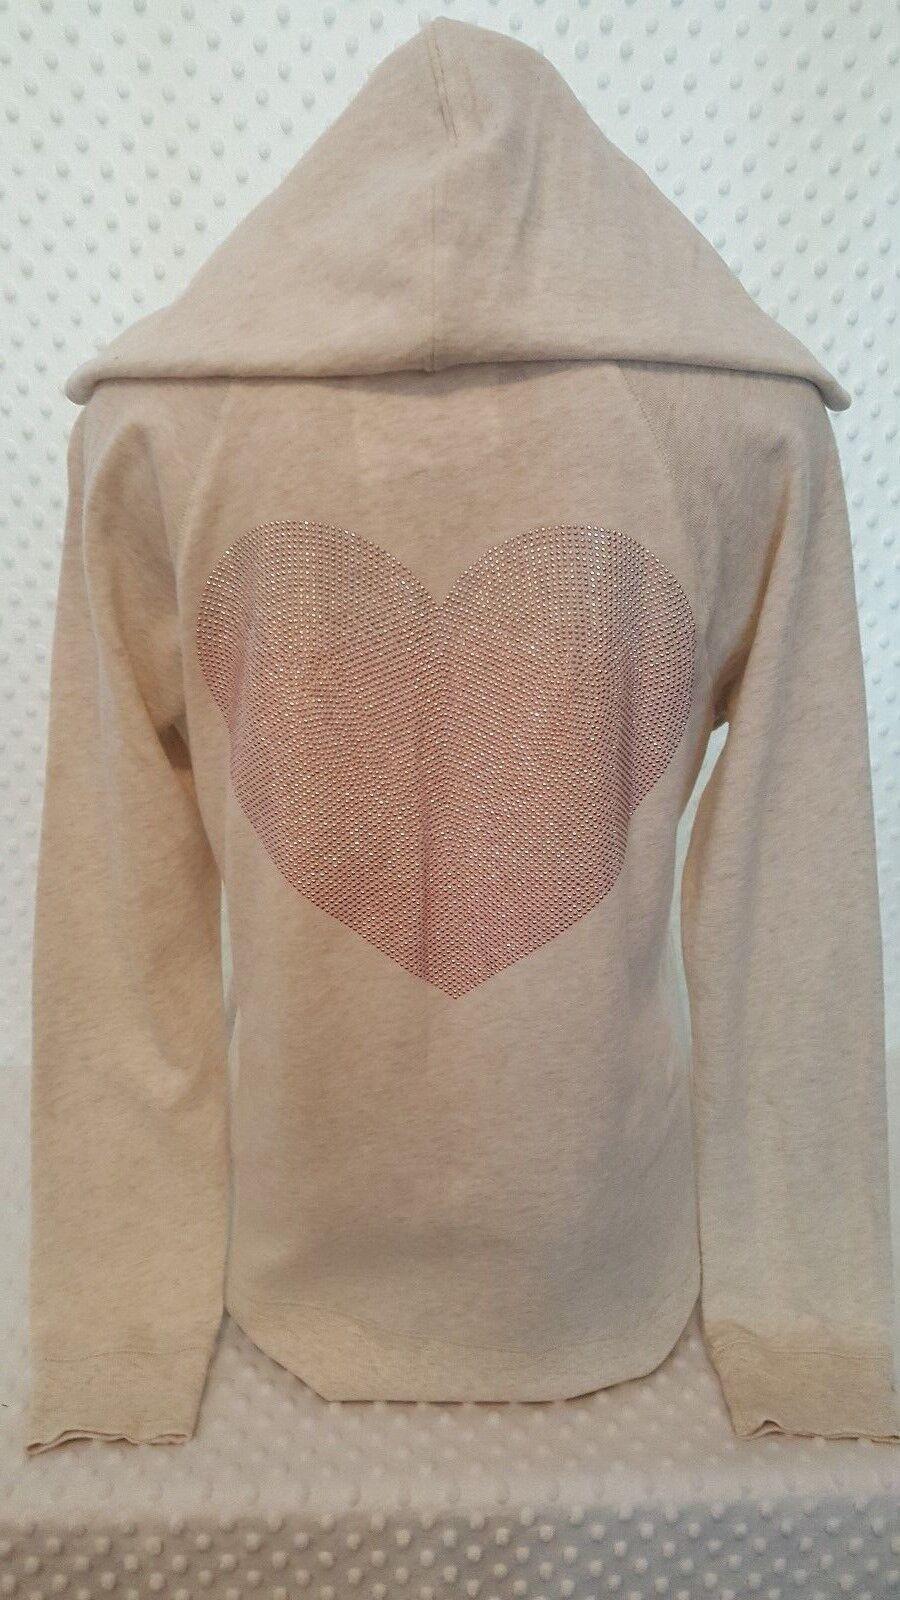 NWOT Victoria's Secret ANGEL Long Sleeve Hoodie Pink Rhinestones Rhinestones Rhinestones Oatmeal L c8aca4